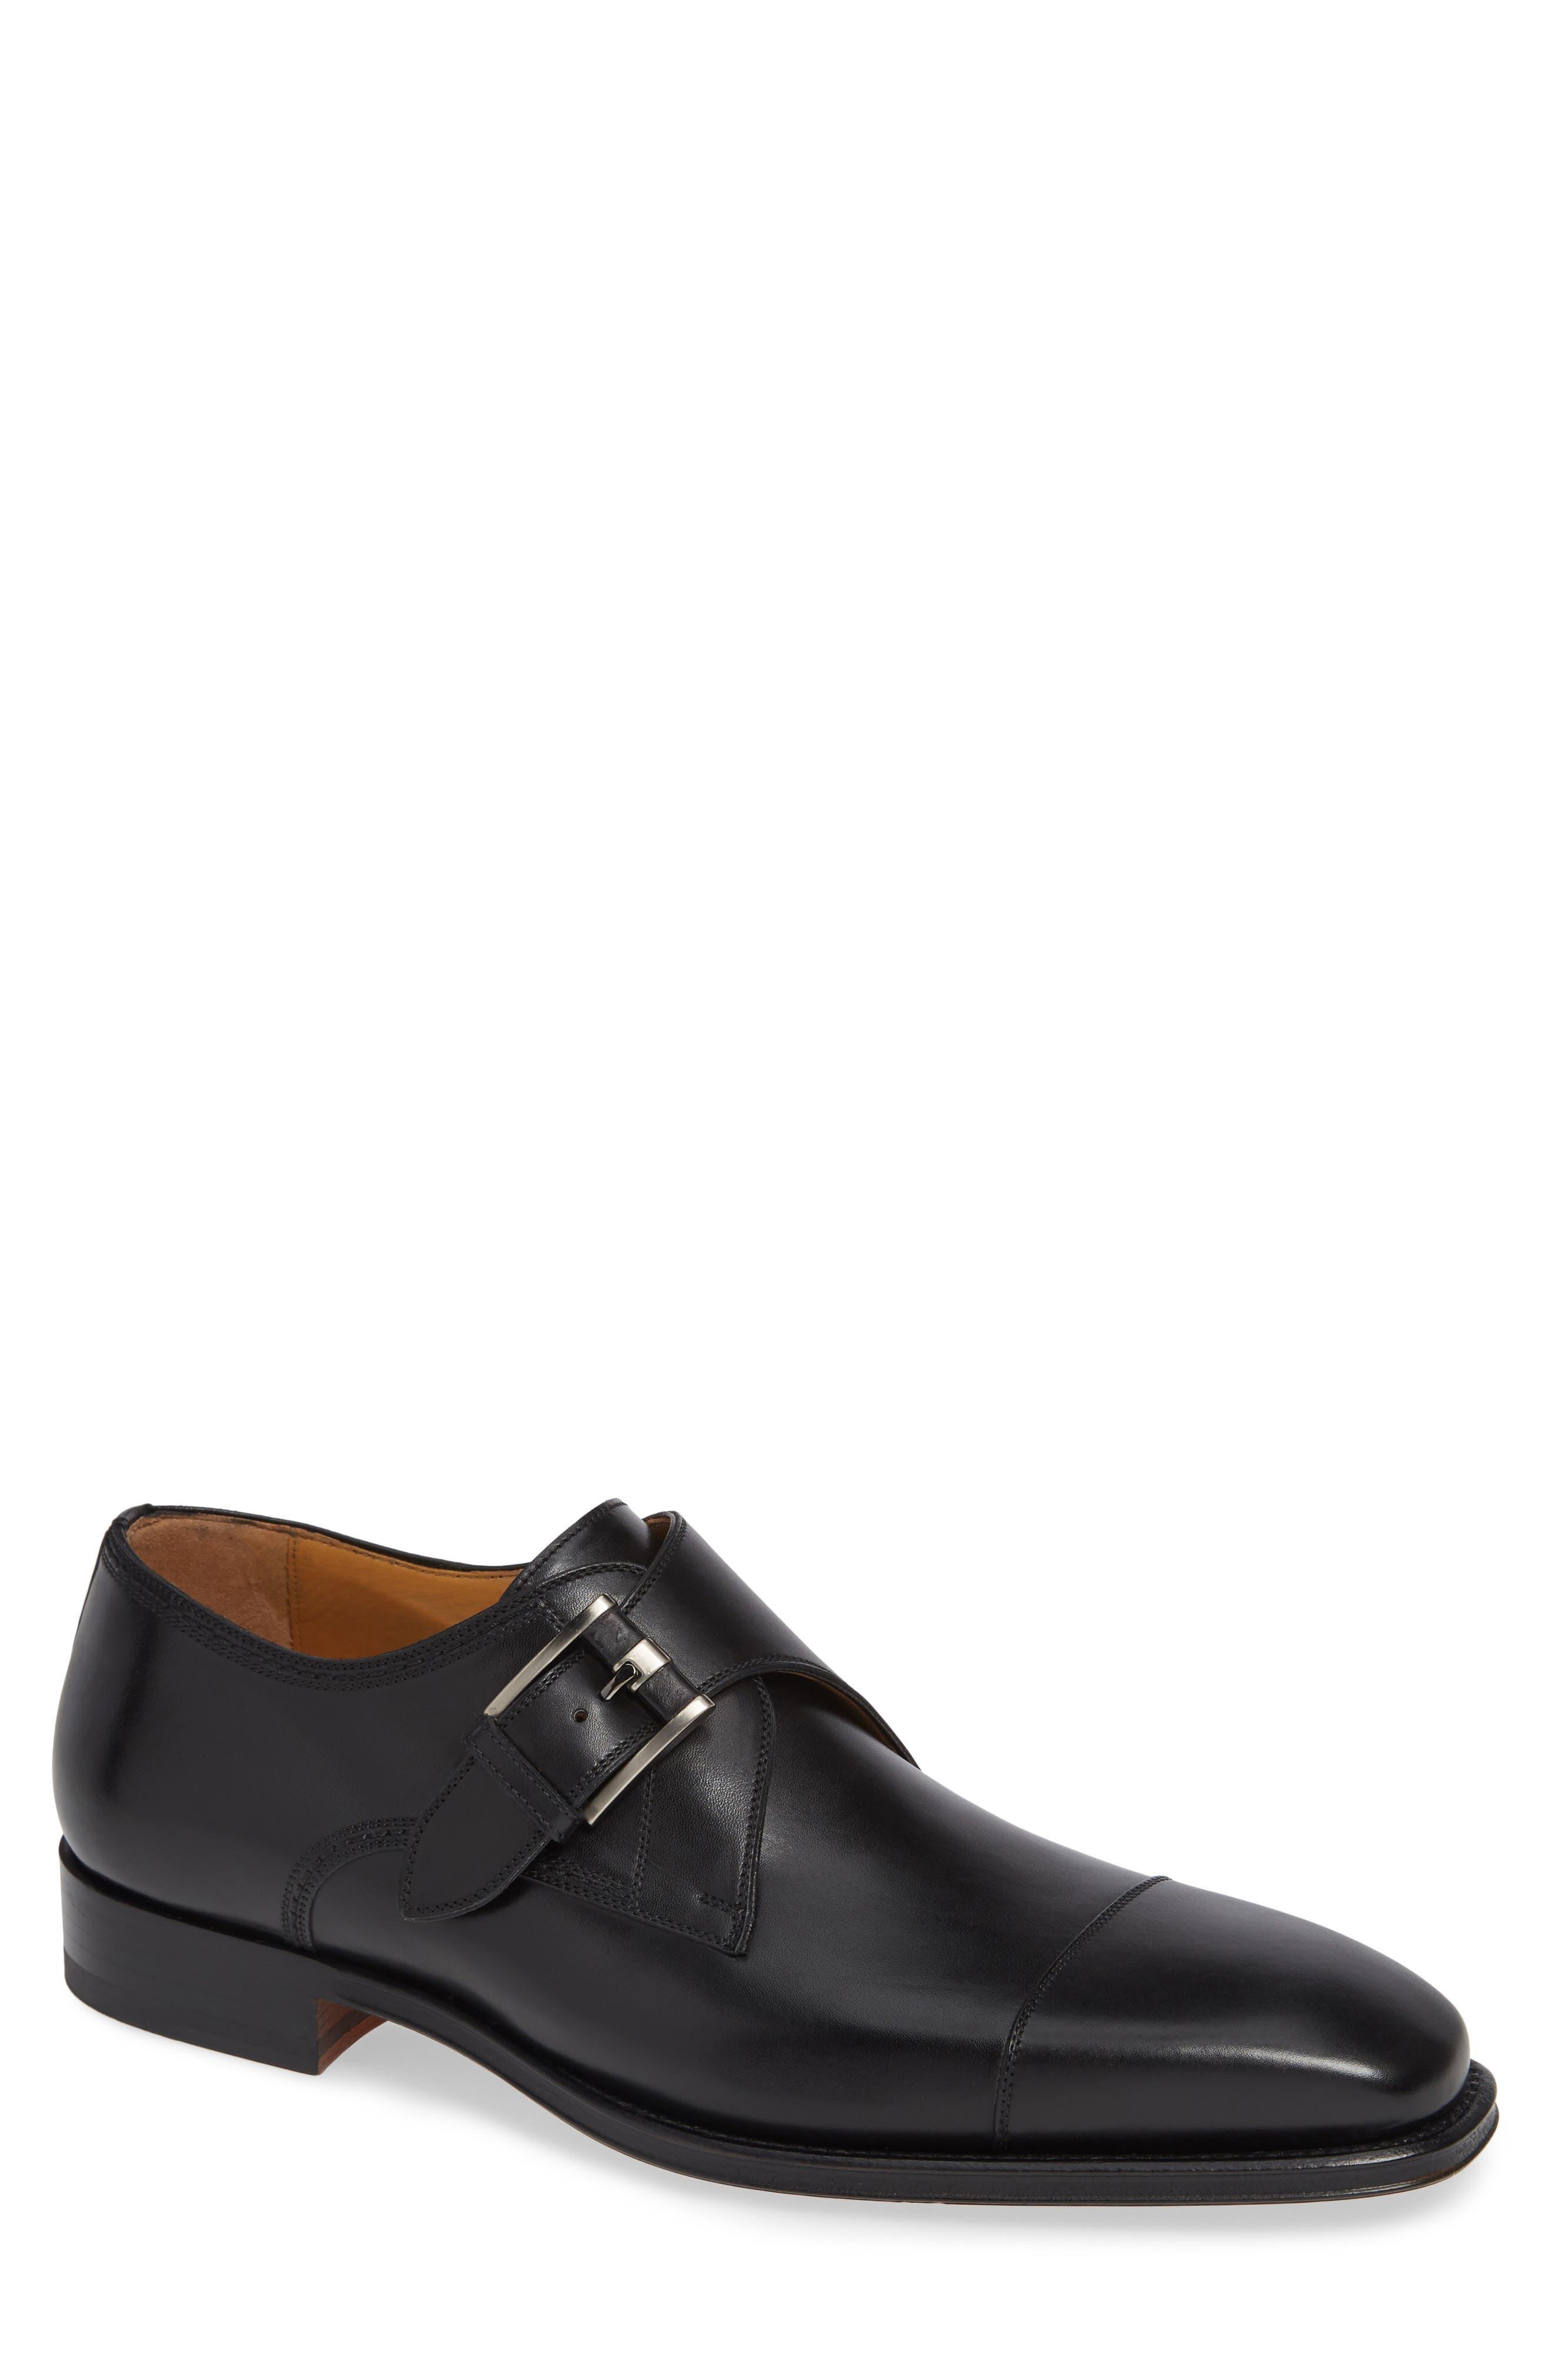 Lennon Monk Strap Shoe,                         Main,                         color, BLACK LEATHER